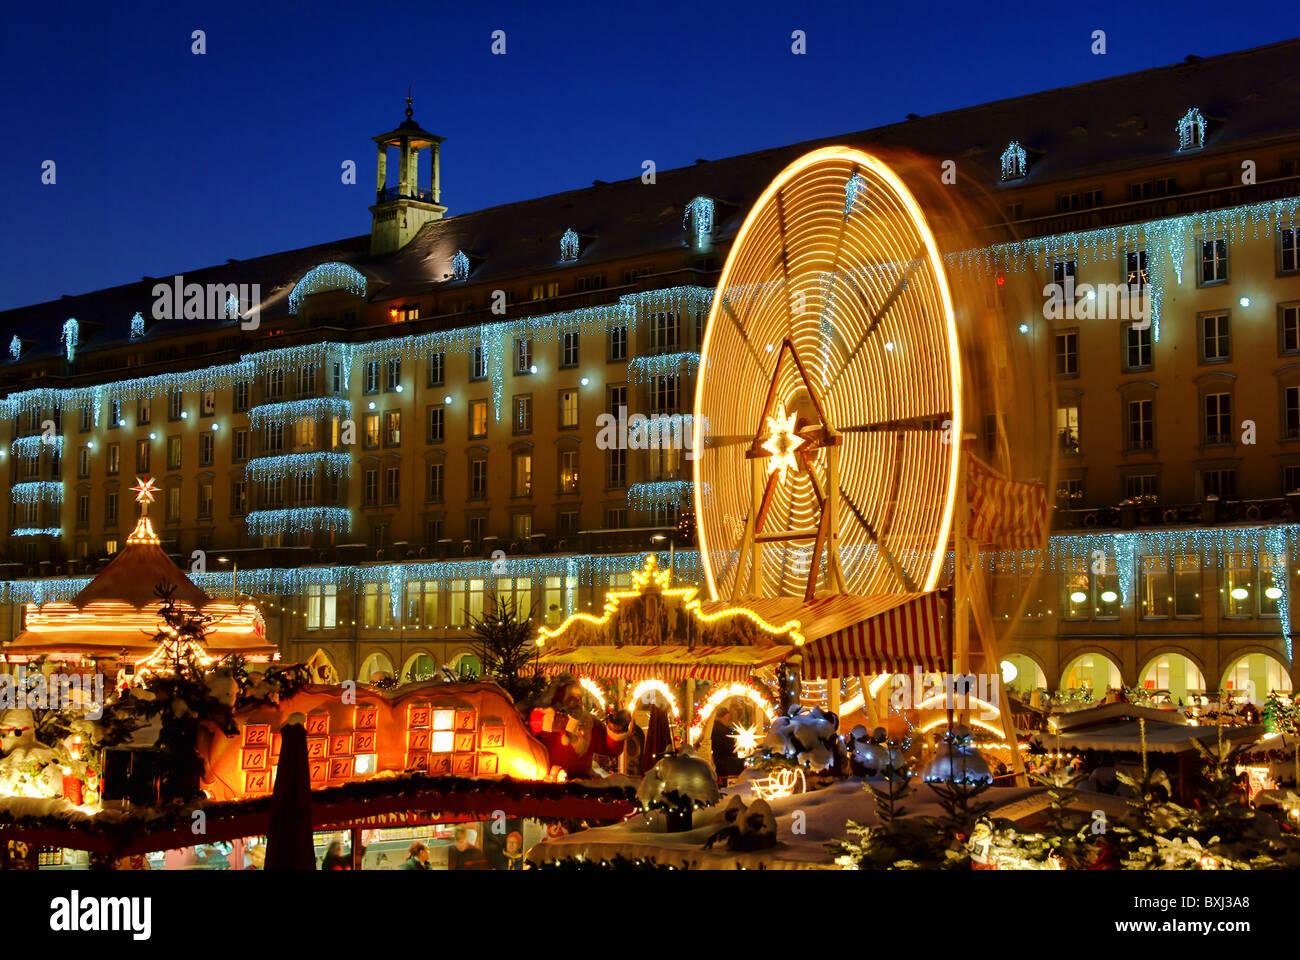 Weihnachtsmarkt In Dresden.Dresden Weihnachtsmarkt Dresden Christmas Market 12 Stock Photo